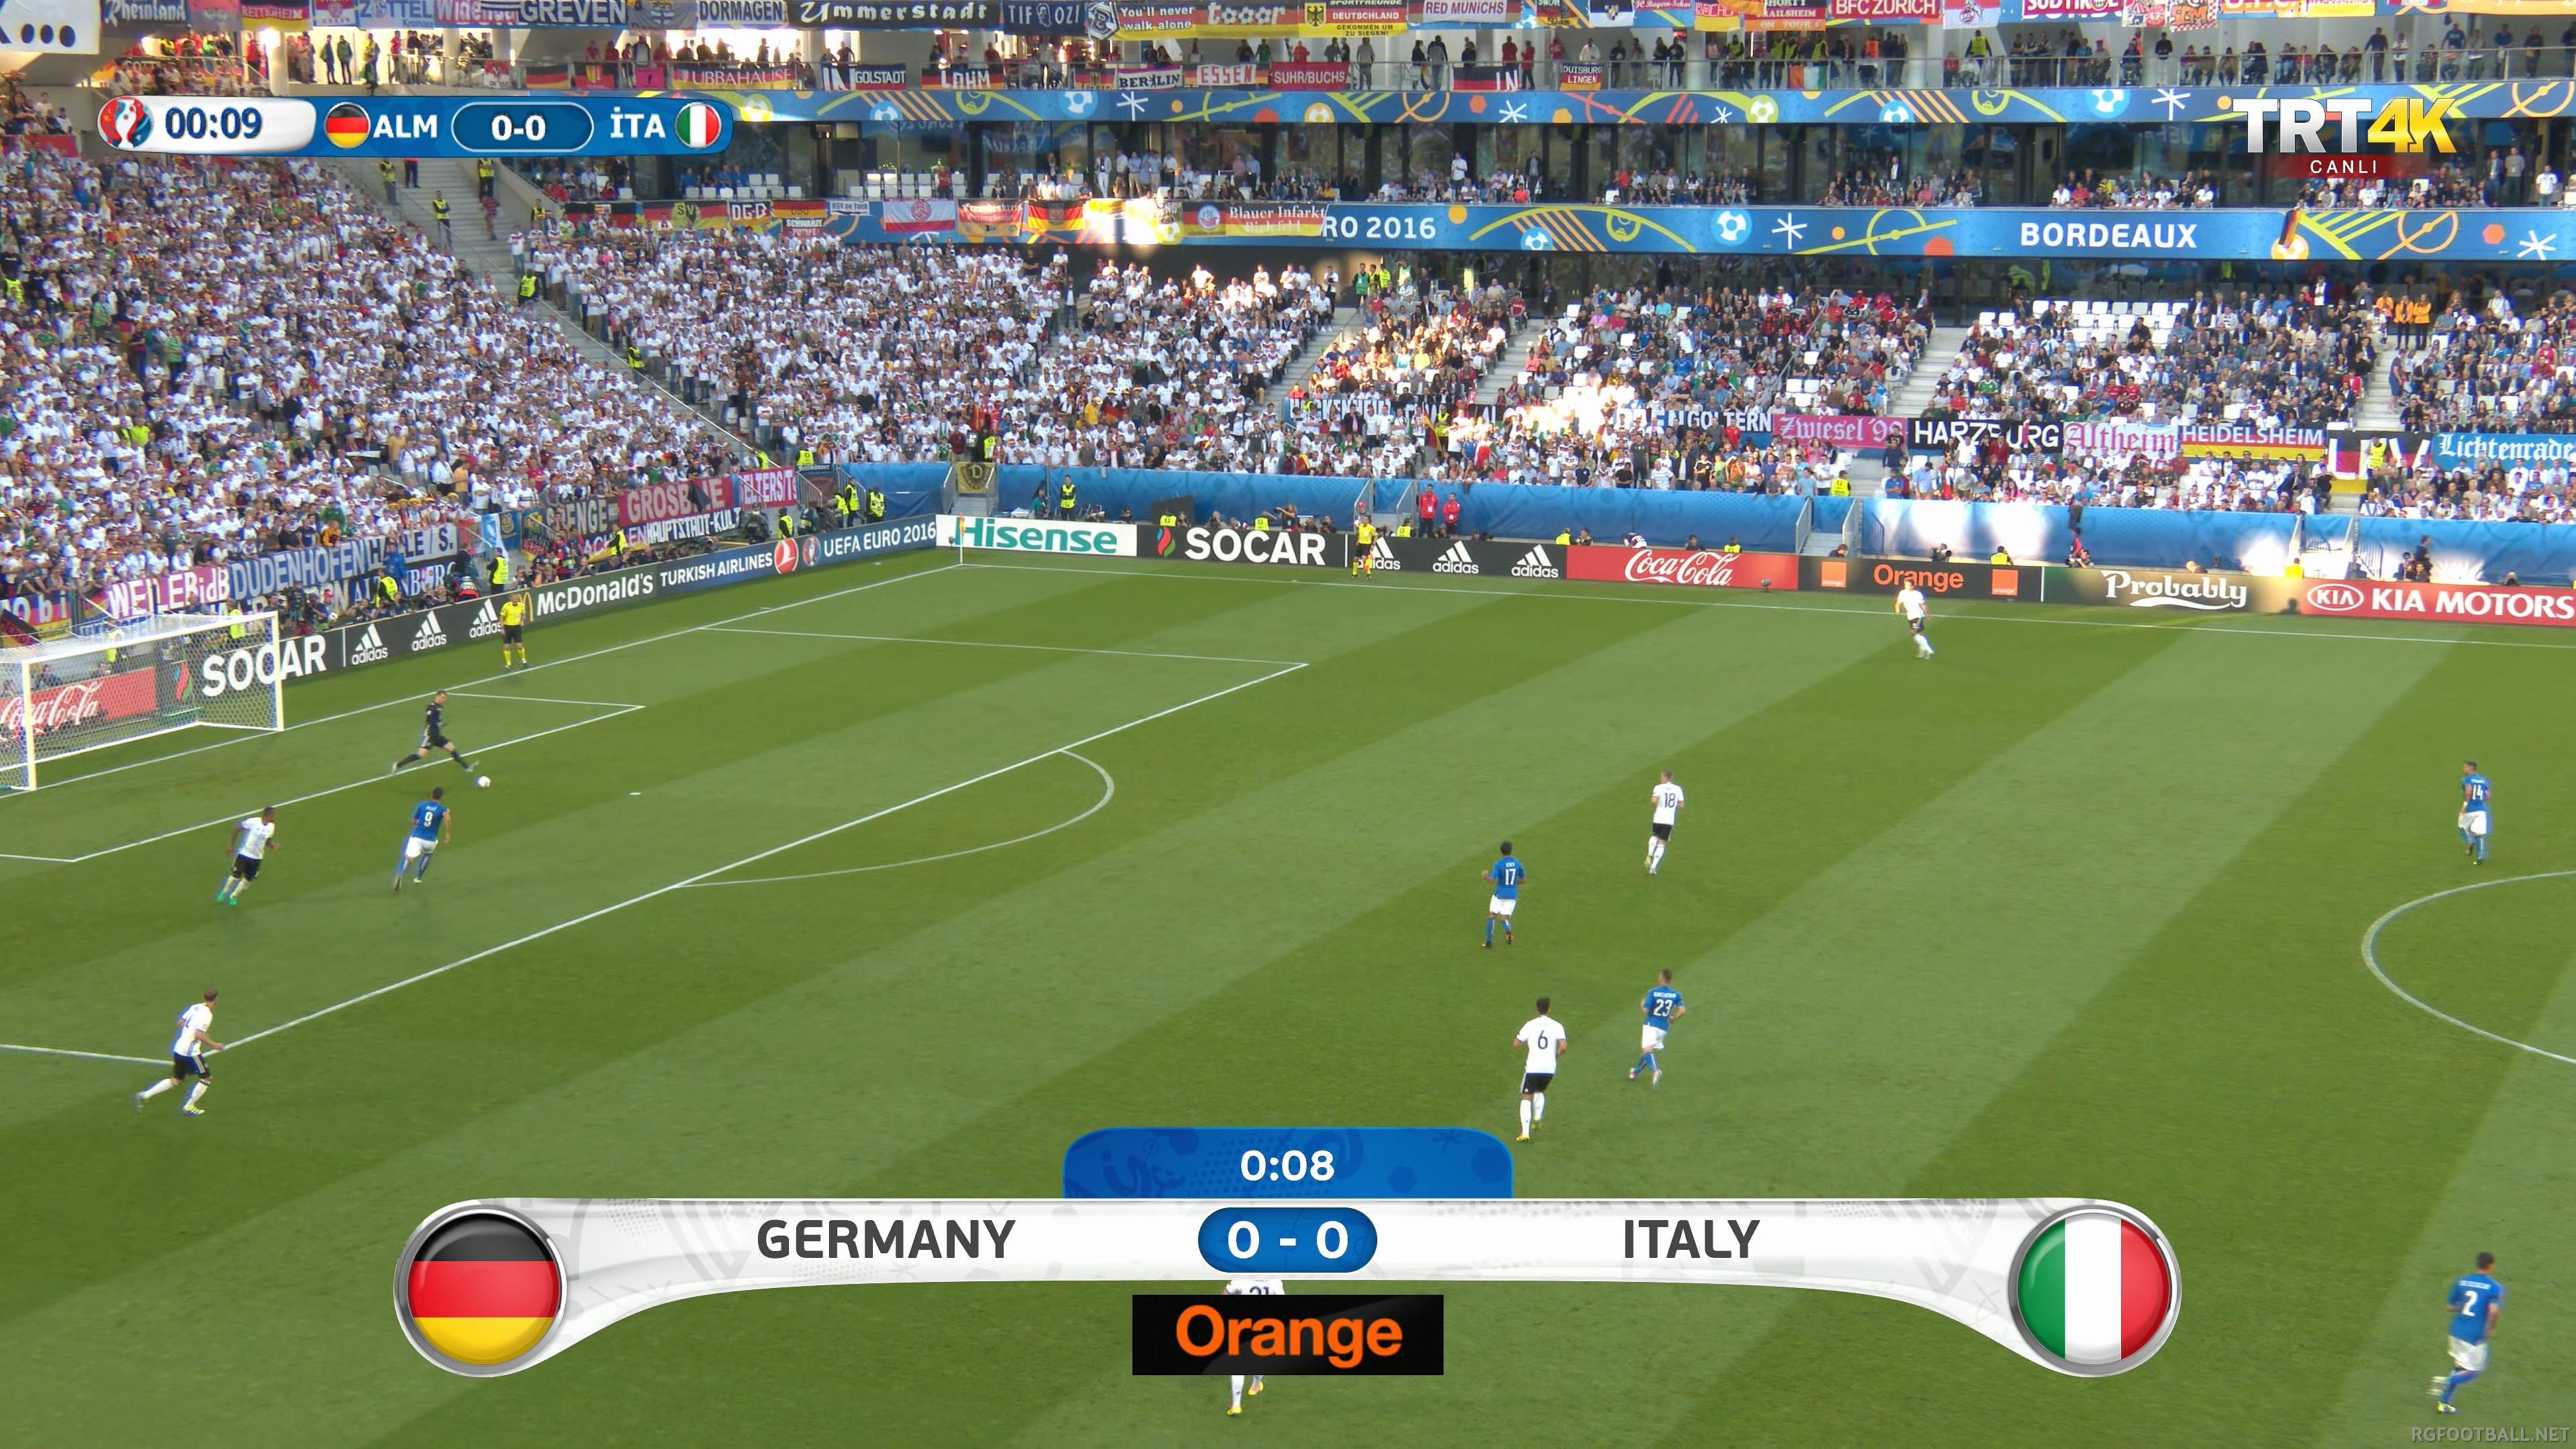 году смотреть матч германия италия в прямом эфире Небесное